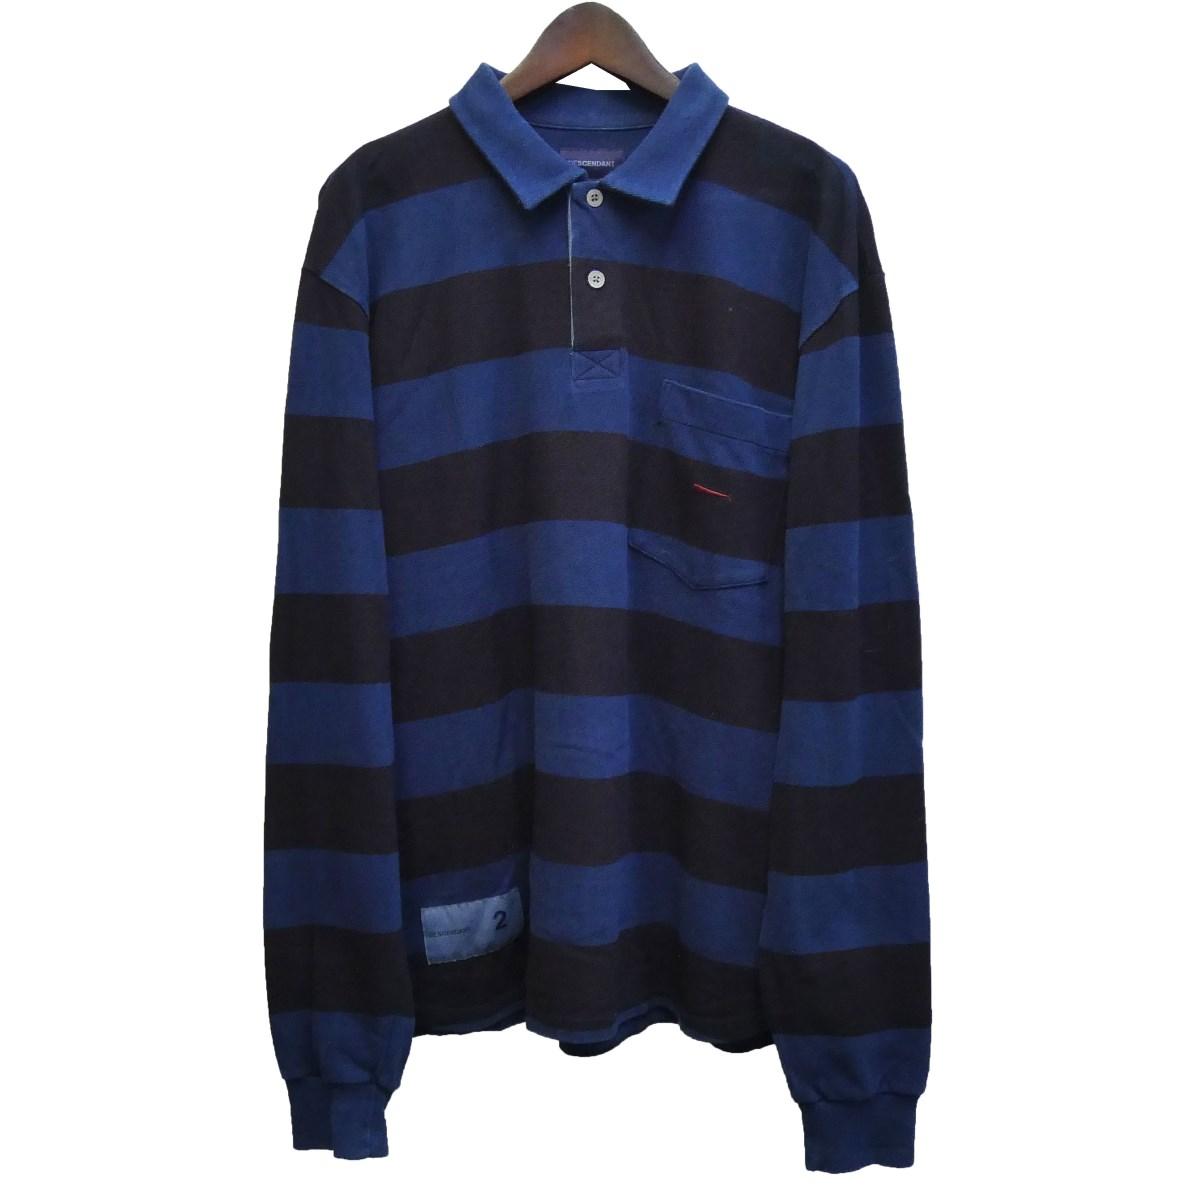 【中古】DESCENDANT×Ron Herman 18SS 「PLO/POLO LS INDIGO 2」ボーダーポロシャツ ブルー×ブラック サイズ:2 【060220】(ディセンダント ロンハーマン)